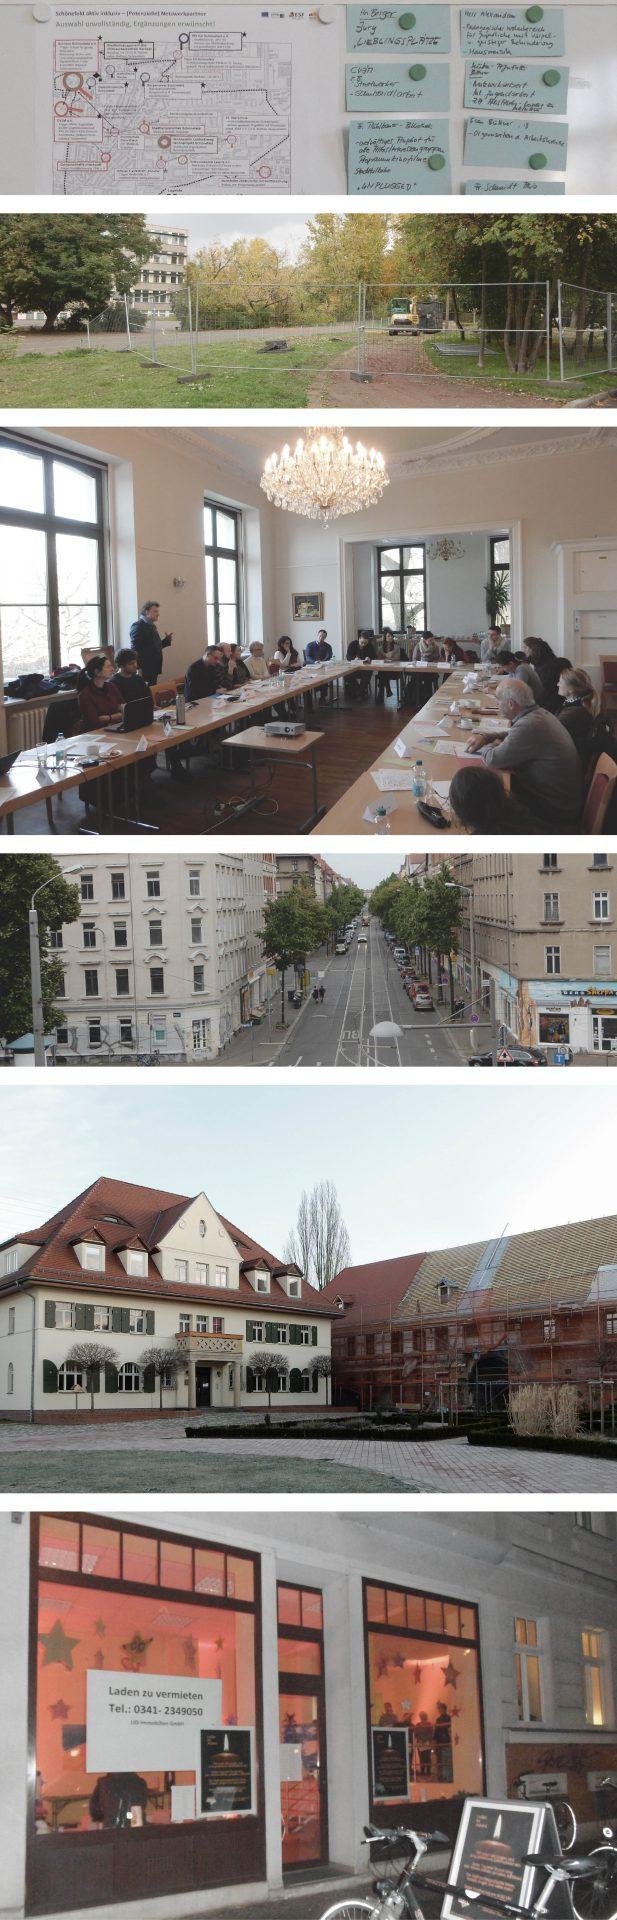 Stadtteilmanagement Schönefeld [Leipzig]